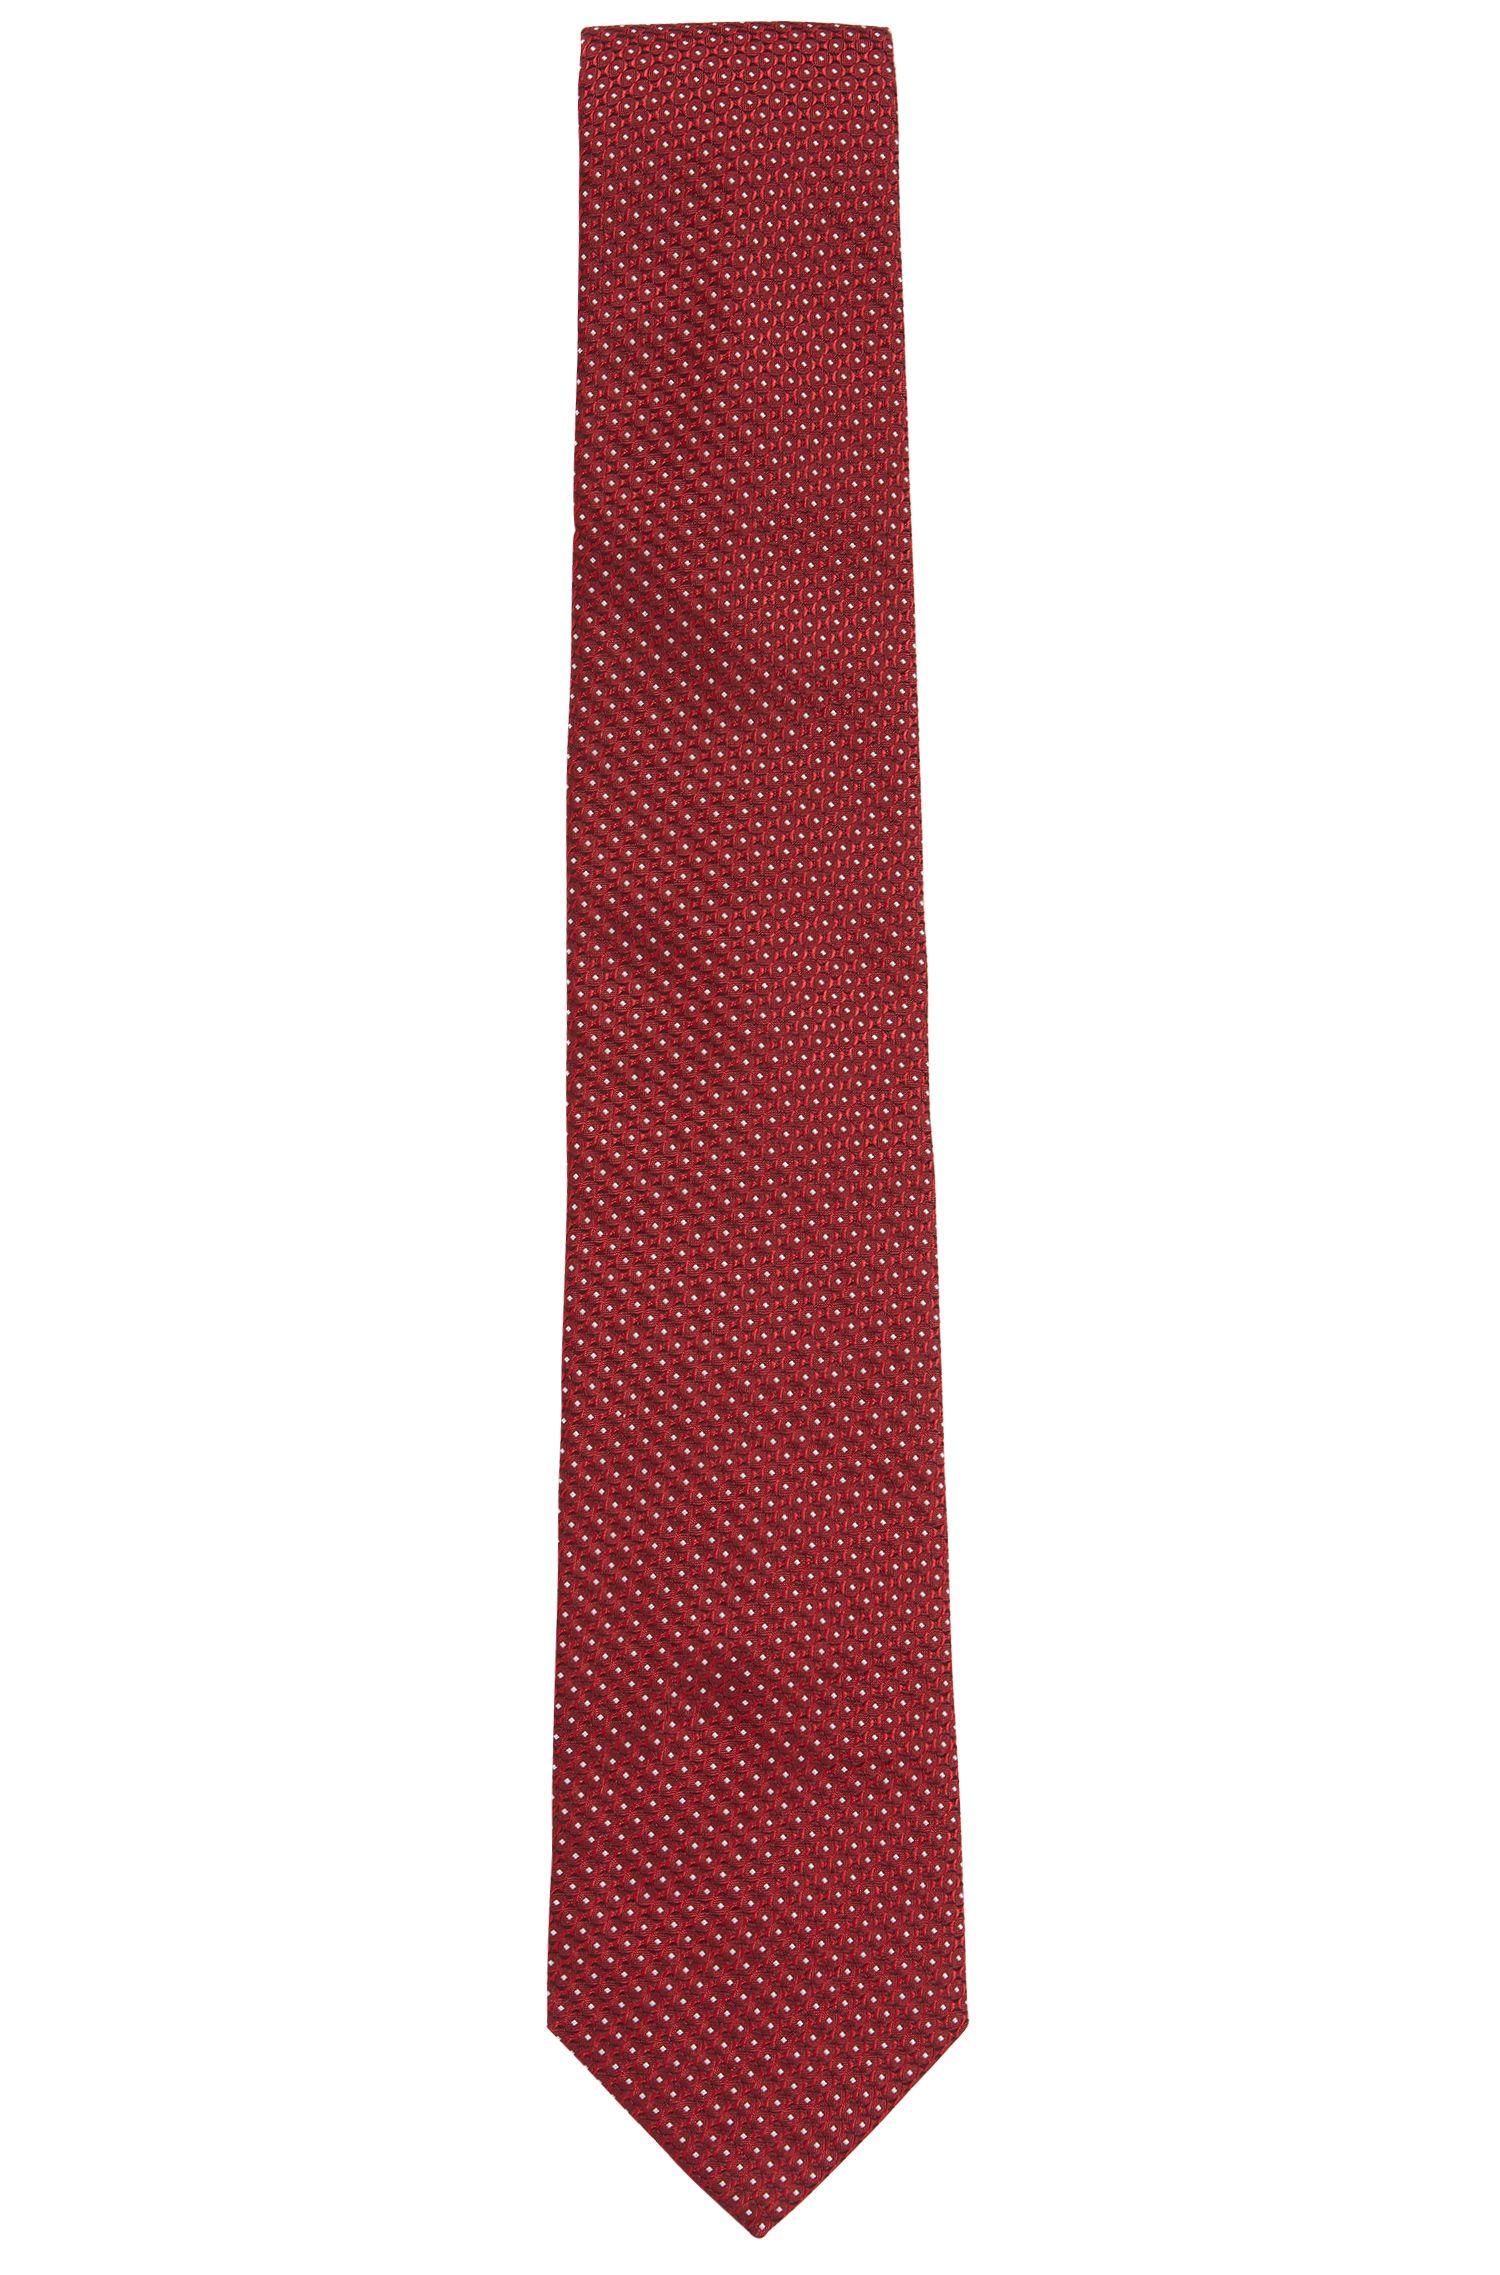 In Italië vervaardigde stropdas van zijden jacquard met dessin